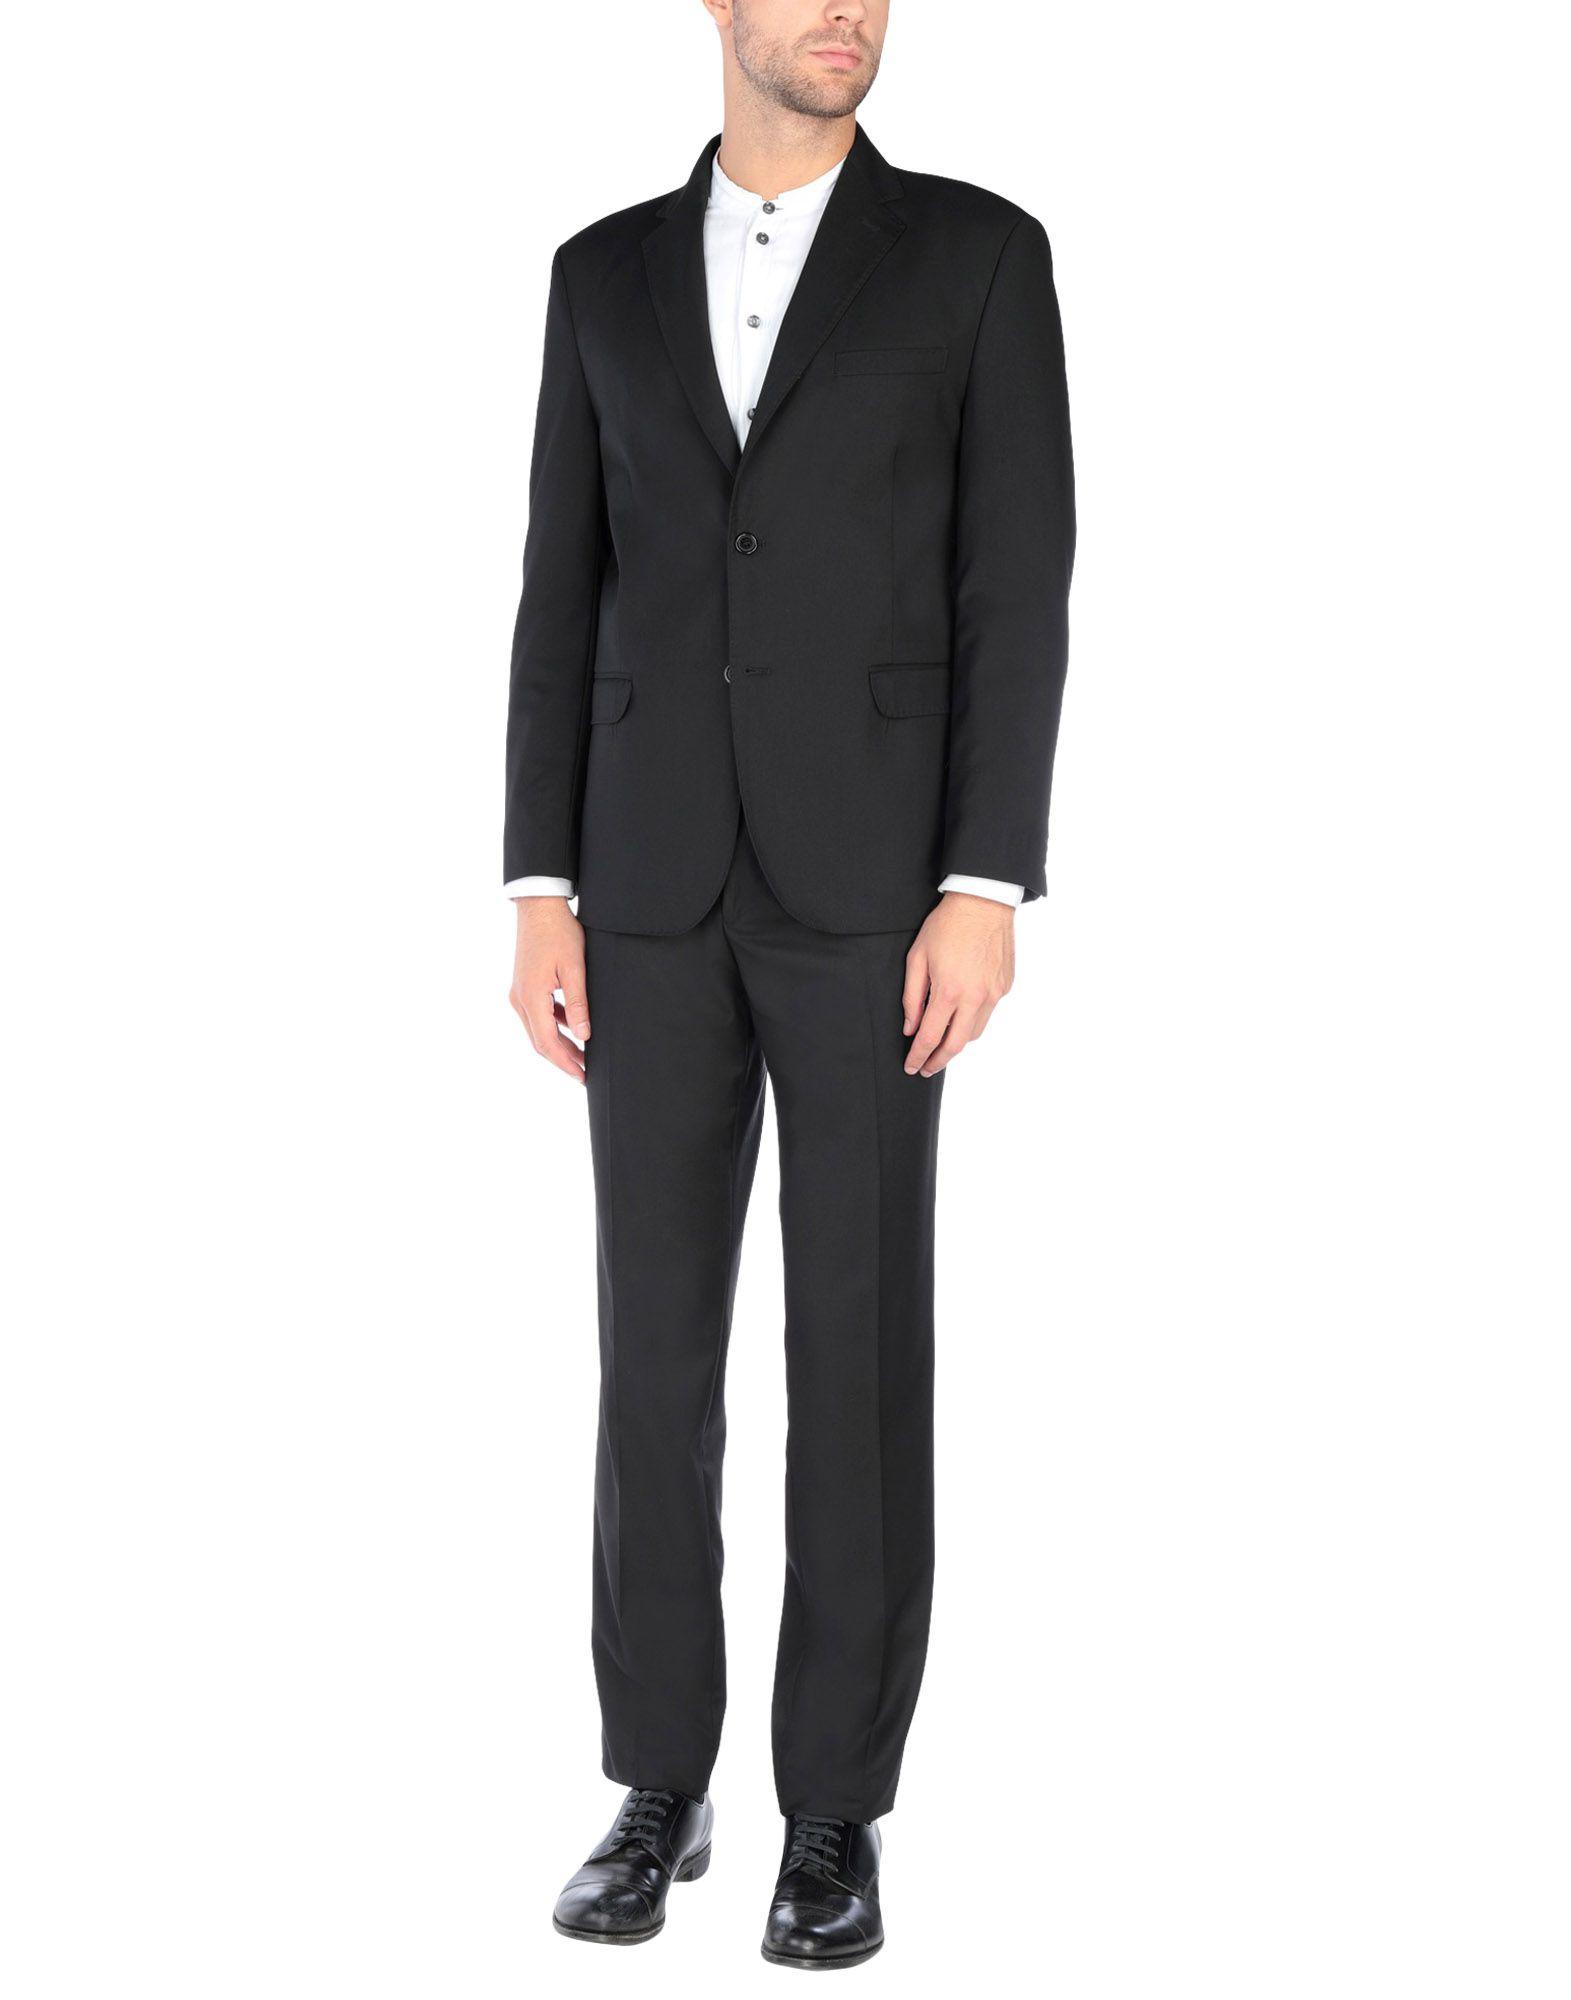 《送料無料》DE BOTTIS Sartoria Italiana メンズ スーツ ブラック 50 ウール 100%